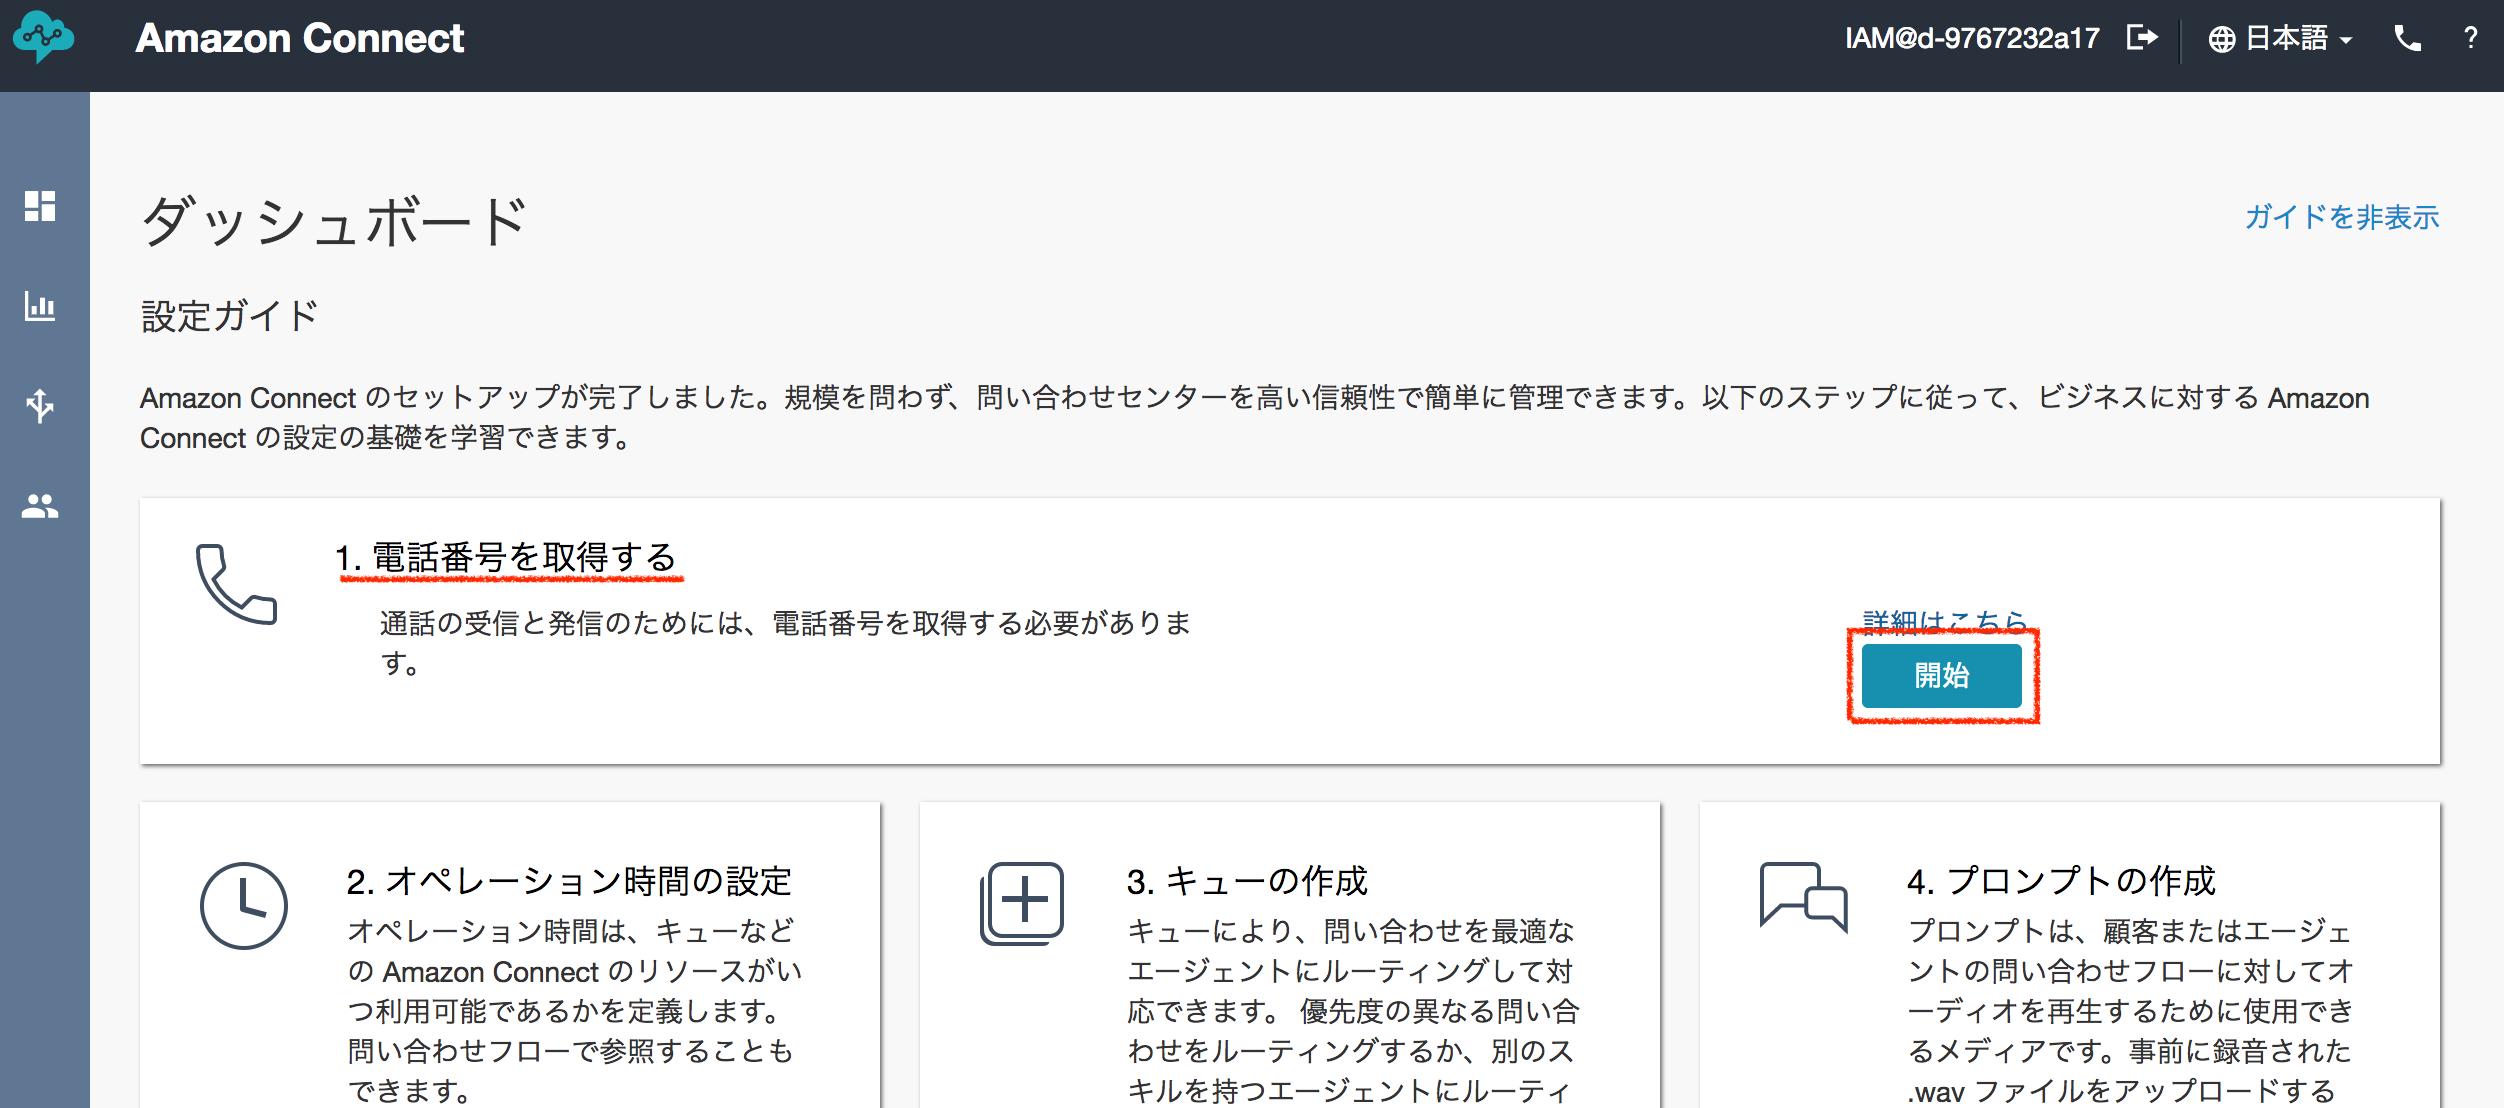 問い合わせ 日本 電話 アマゾン